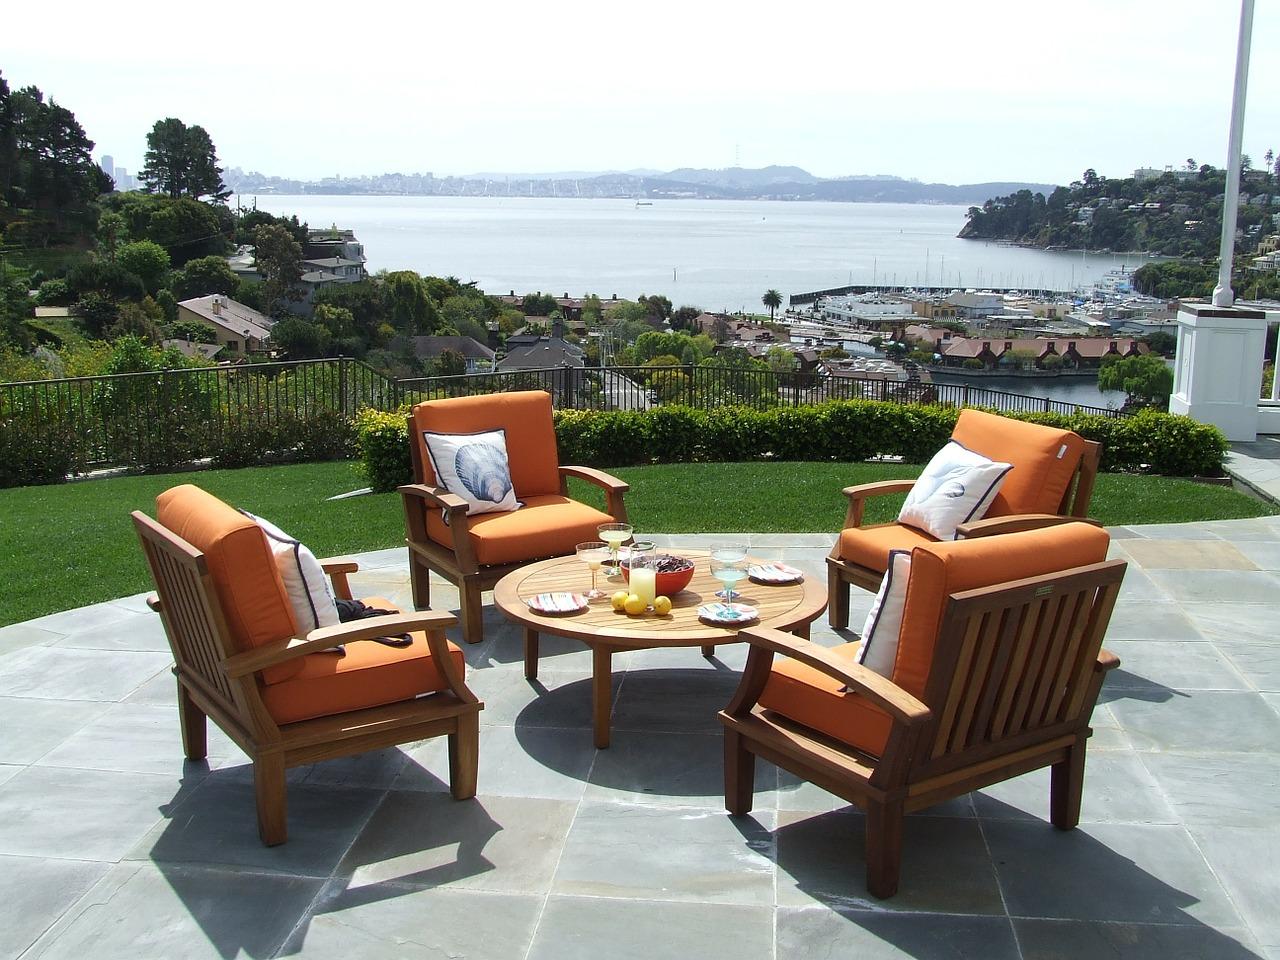 Mit den richtigen Gartenmöbeln bequem in die Outdoorsaison